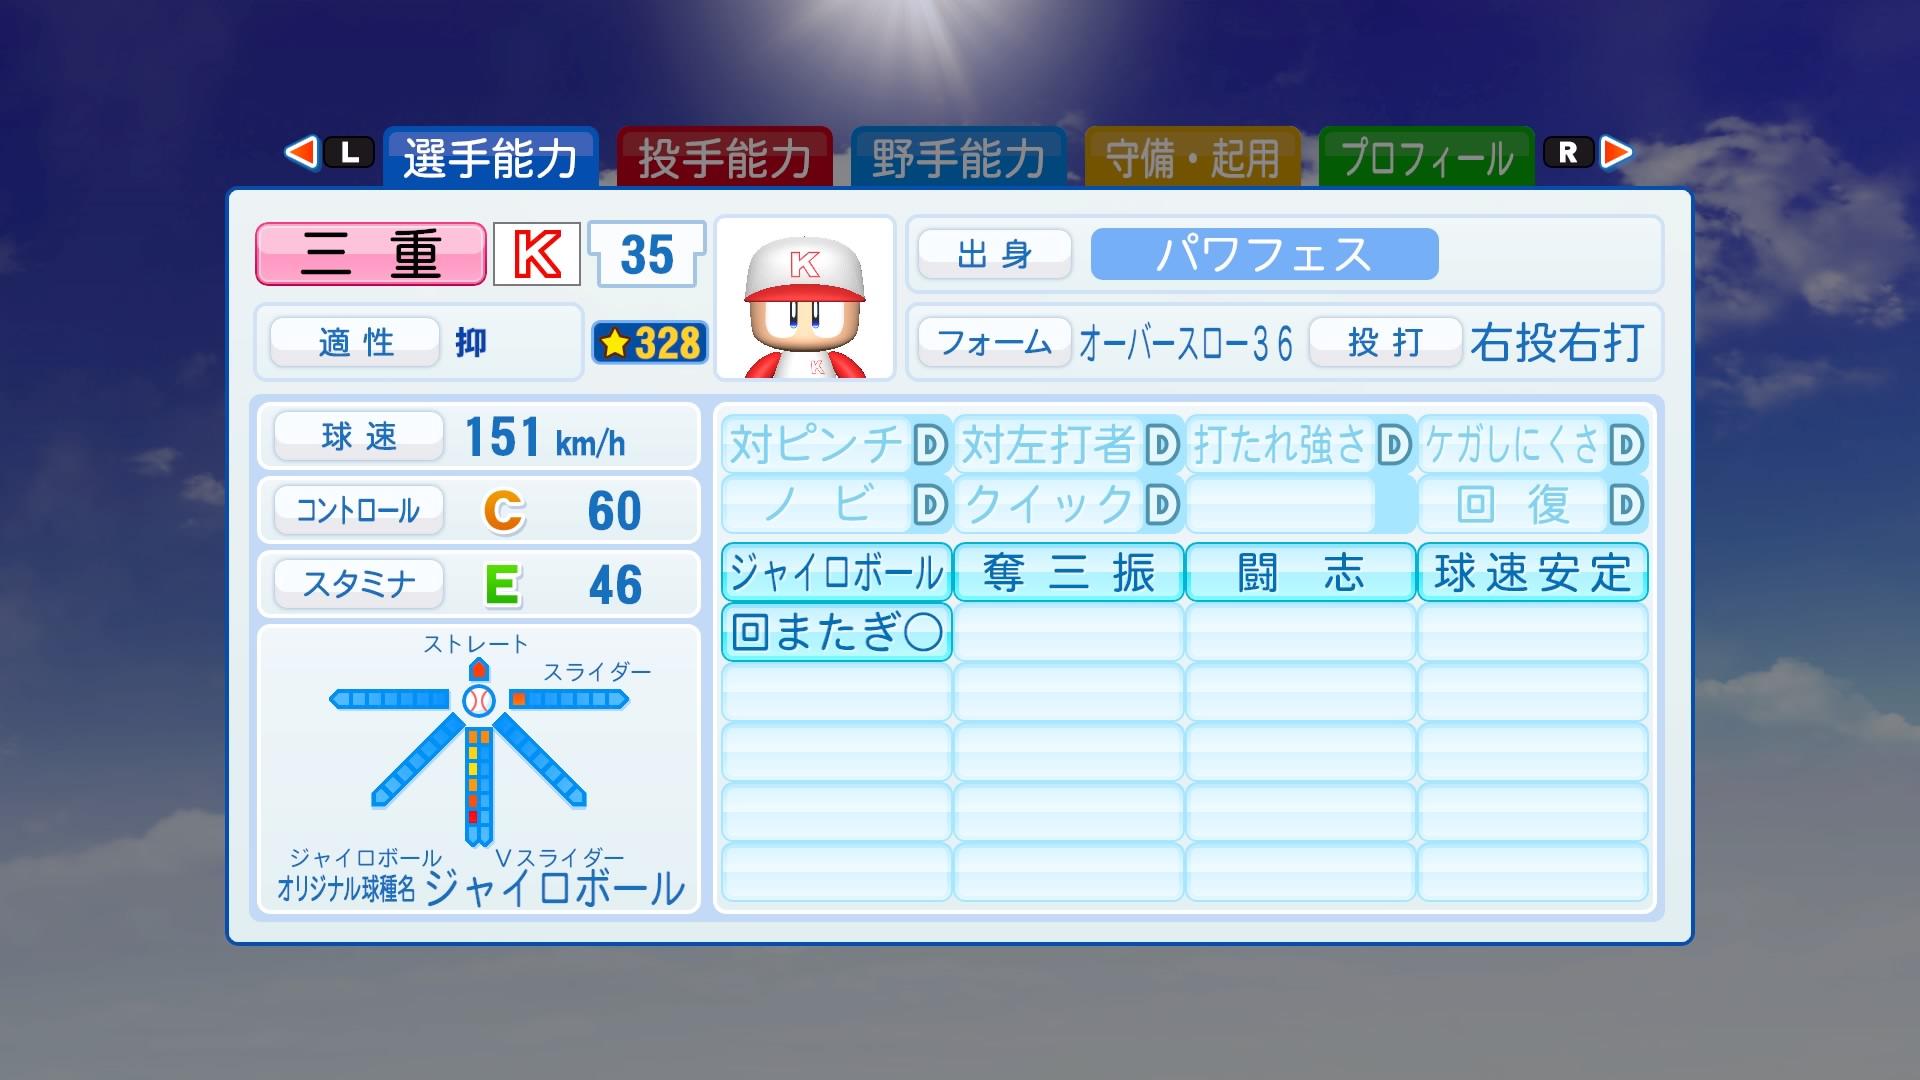 EySiWt8UYAI-lN3.jpg